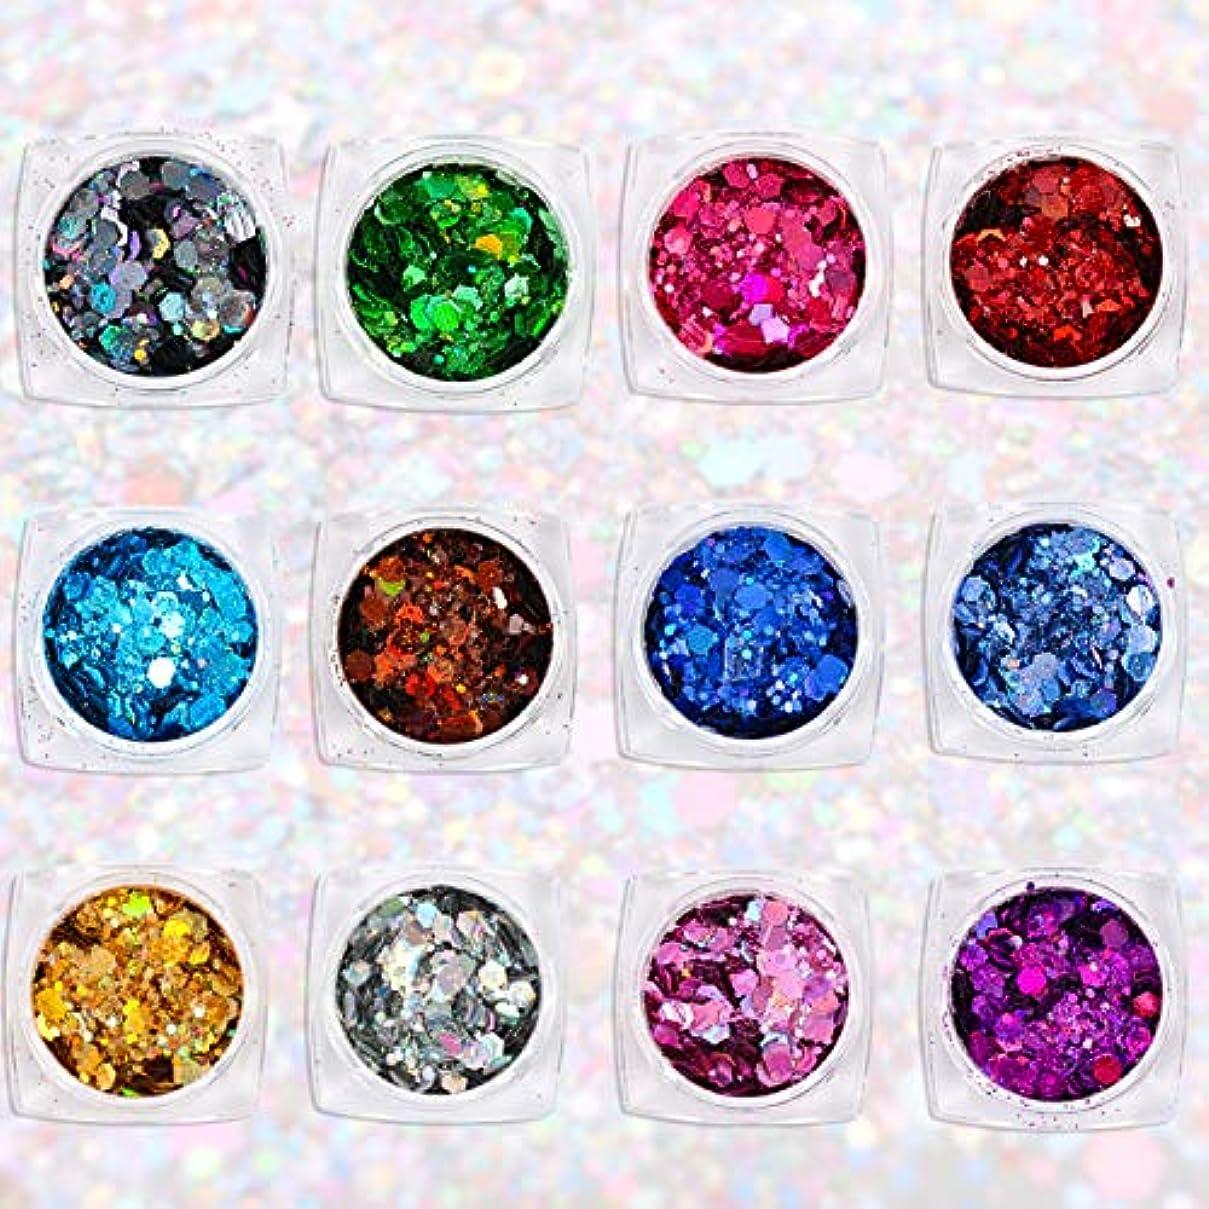 和らげる通り抜ける機動Wadachikis 有益な12色レーザー六角形のスパンコール爪きらめき粉砂の携帯電話シェルの工芸品特別なきらめきパウダーグリッタースパンコール